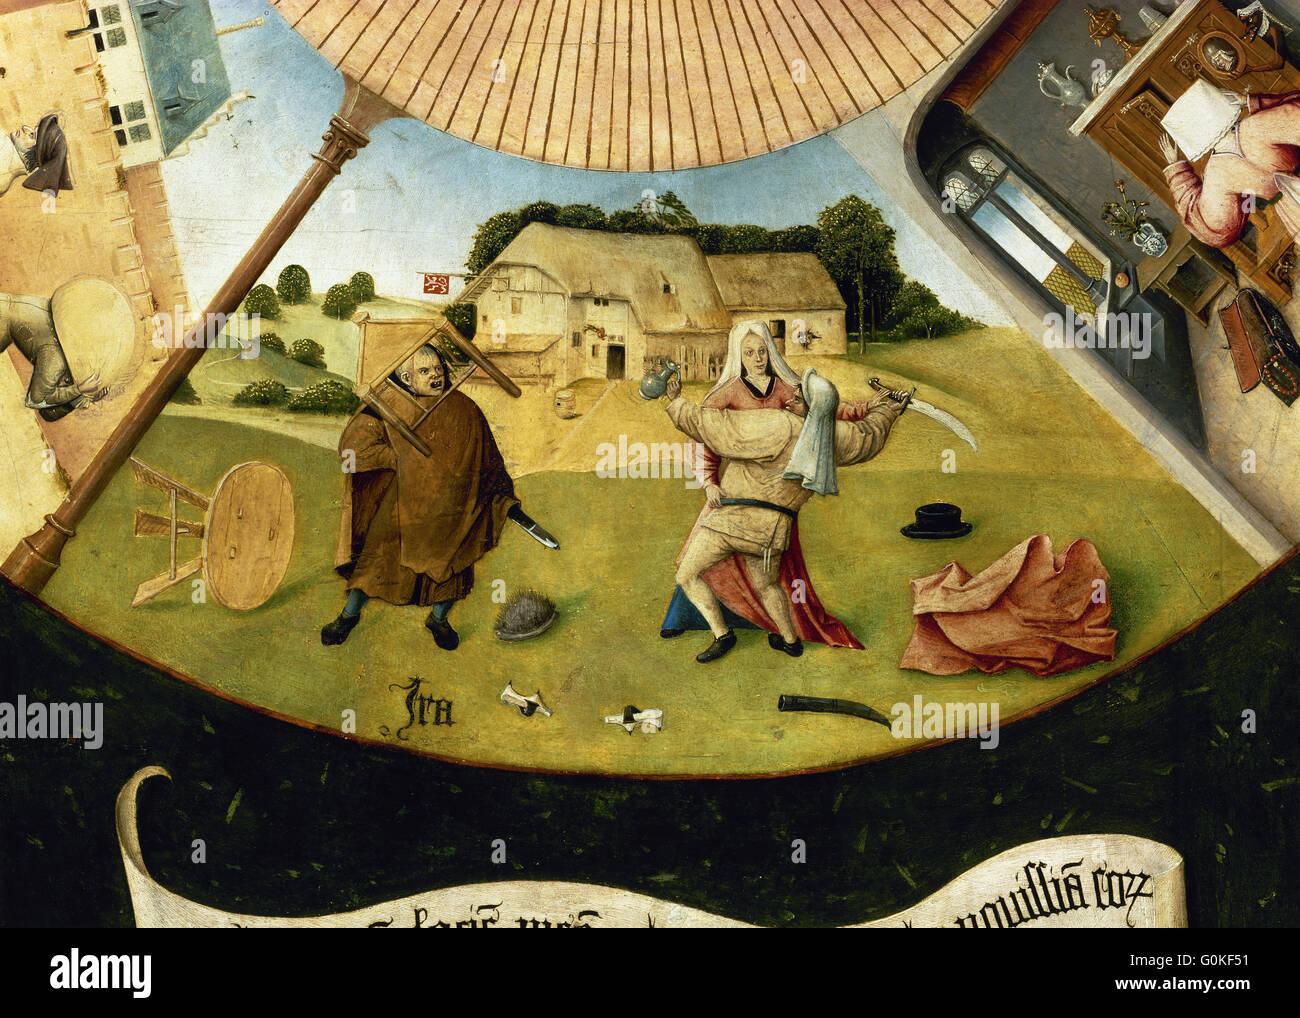 Jérôme Bosch (c.1450-1516). Peintre hollandais. Le tableau des sept péchés capitaux. Détail Photo Stock